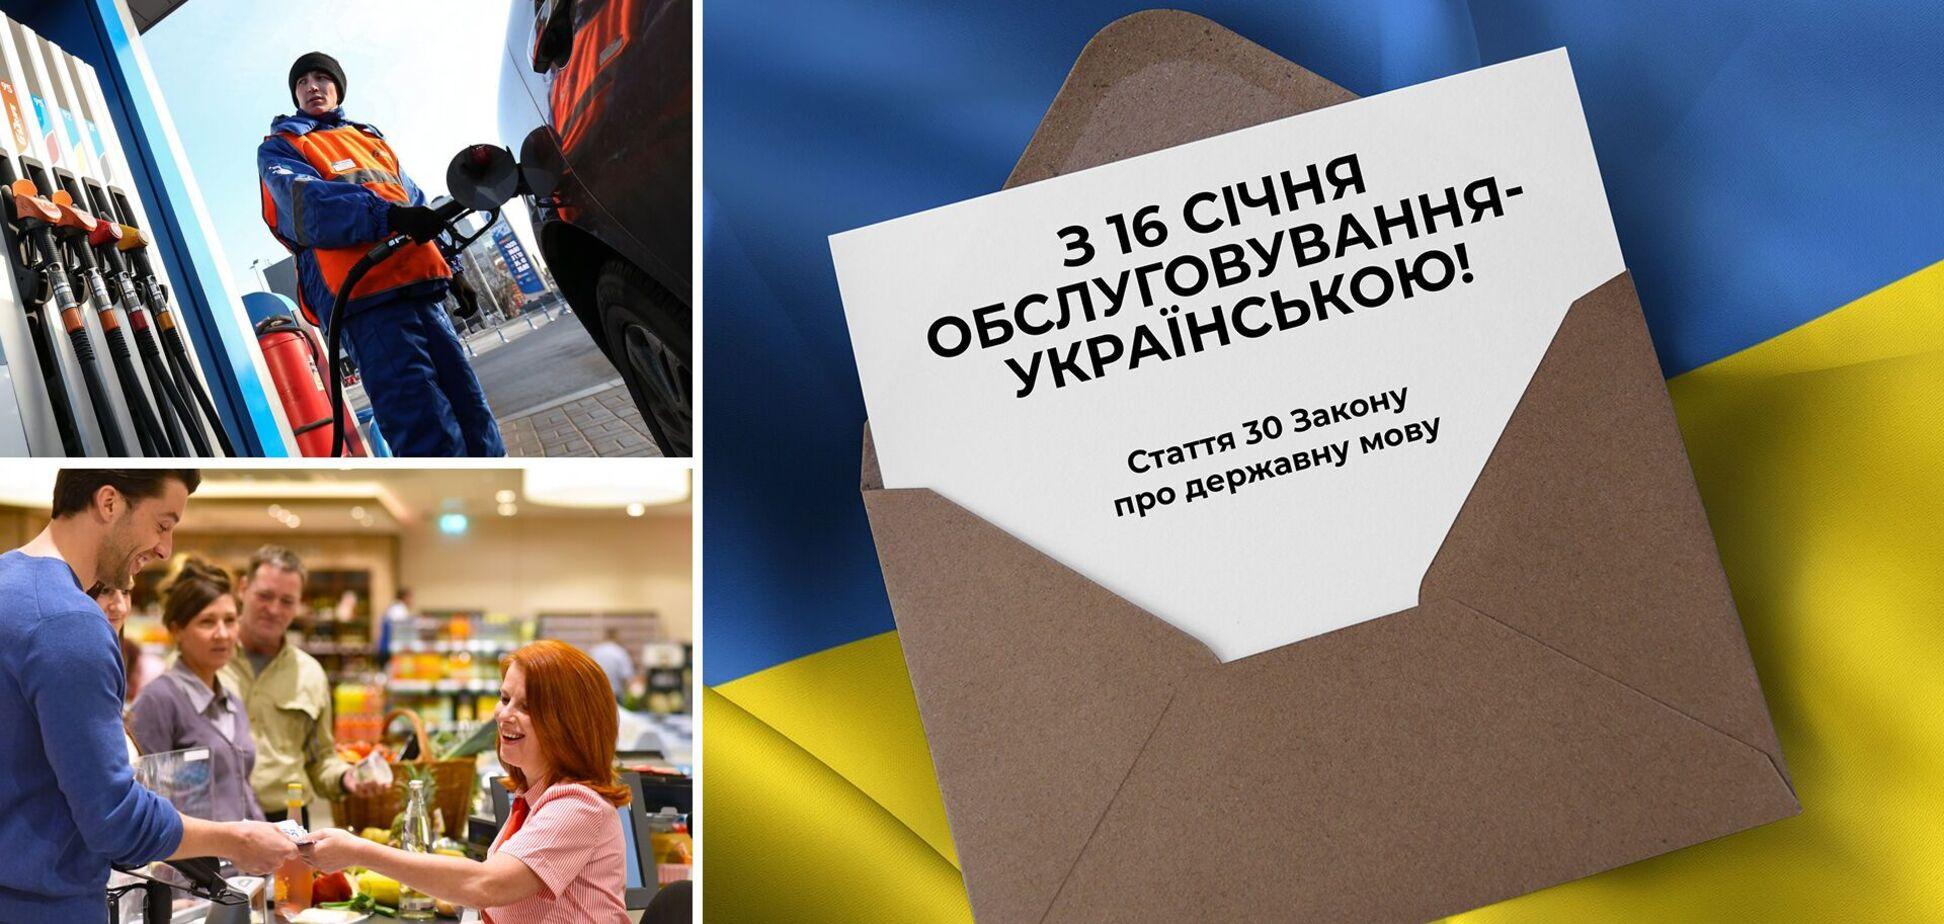 Сфера обслуговування переходить повністю на українську мову